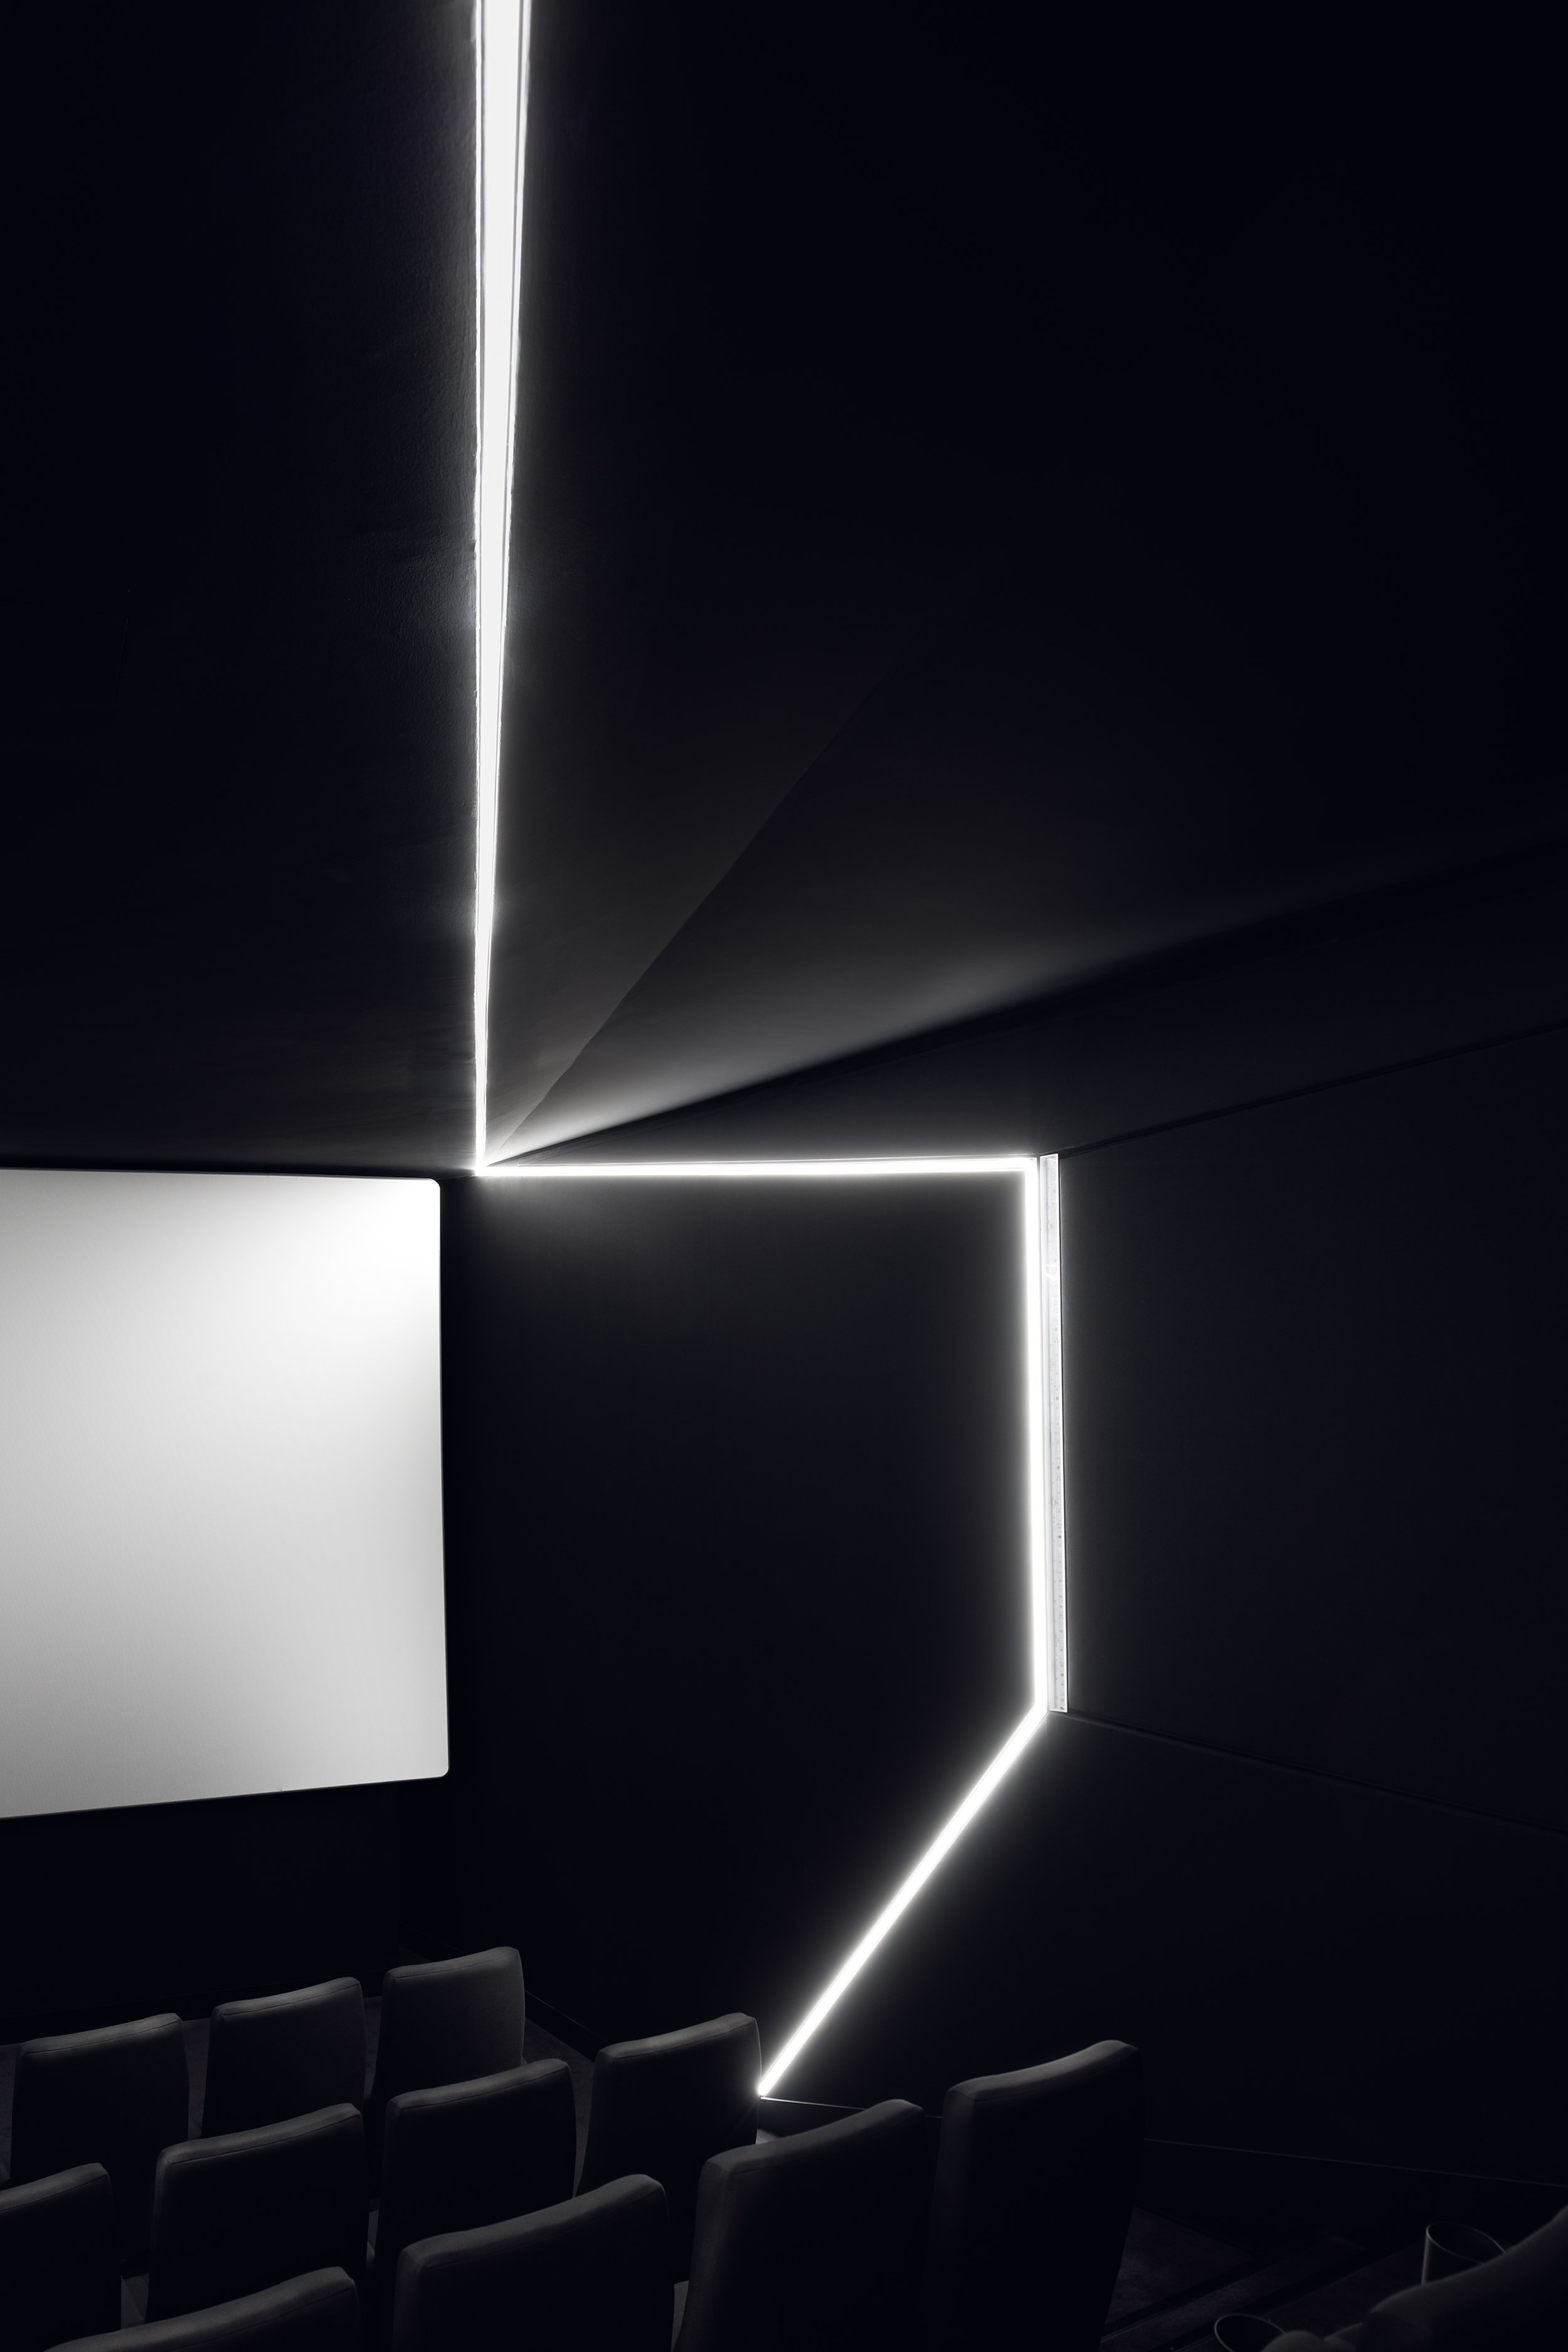 In seiner schwarzen, technisch modernen Erscheinung und dem Spiel der Lichtlinien erweckt der Kinosaal sofort Assoziationen an Science-Fiction-Filme. -